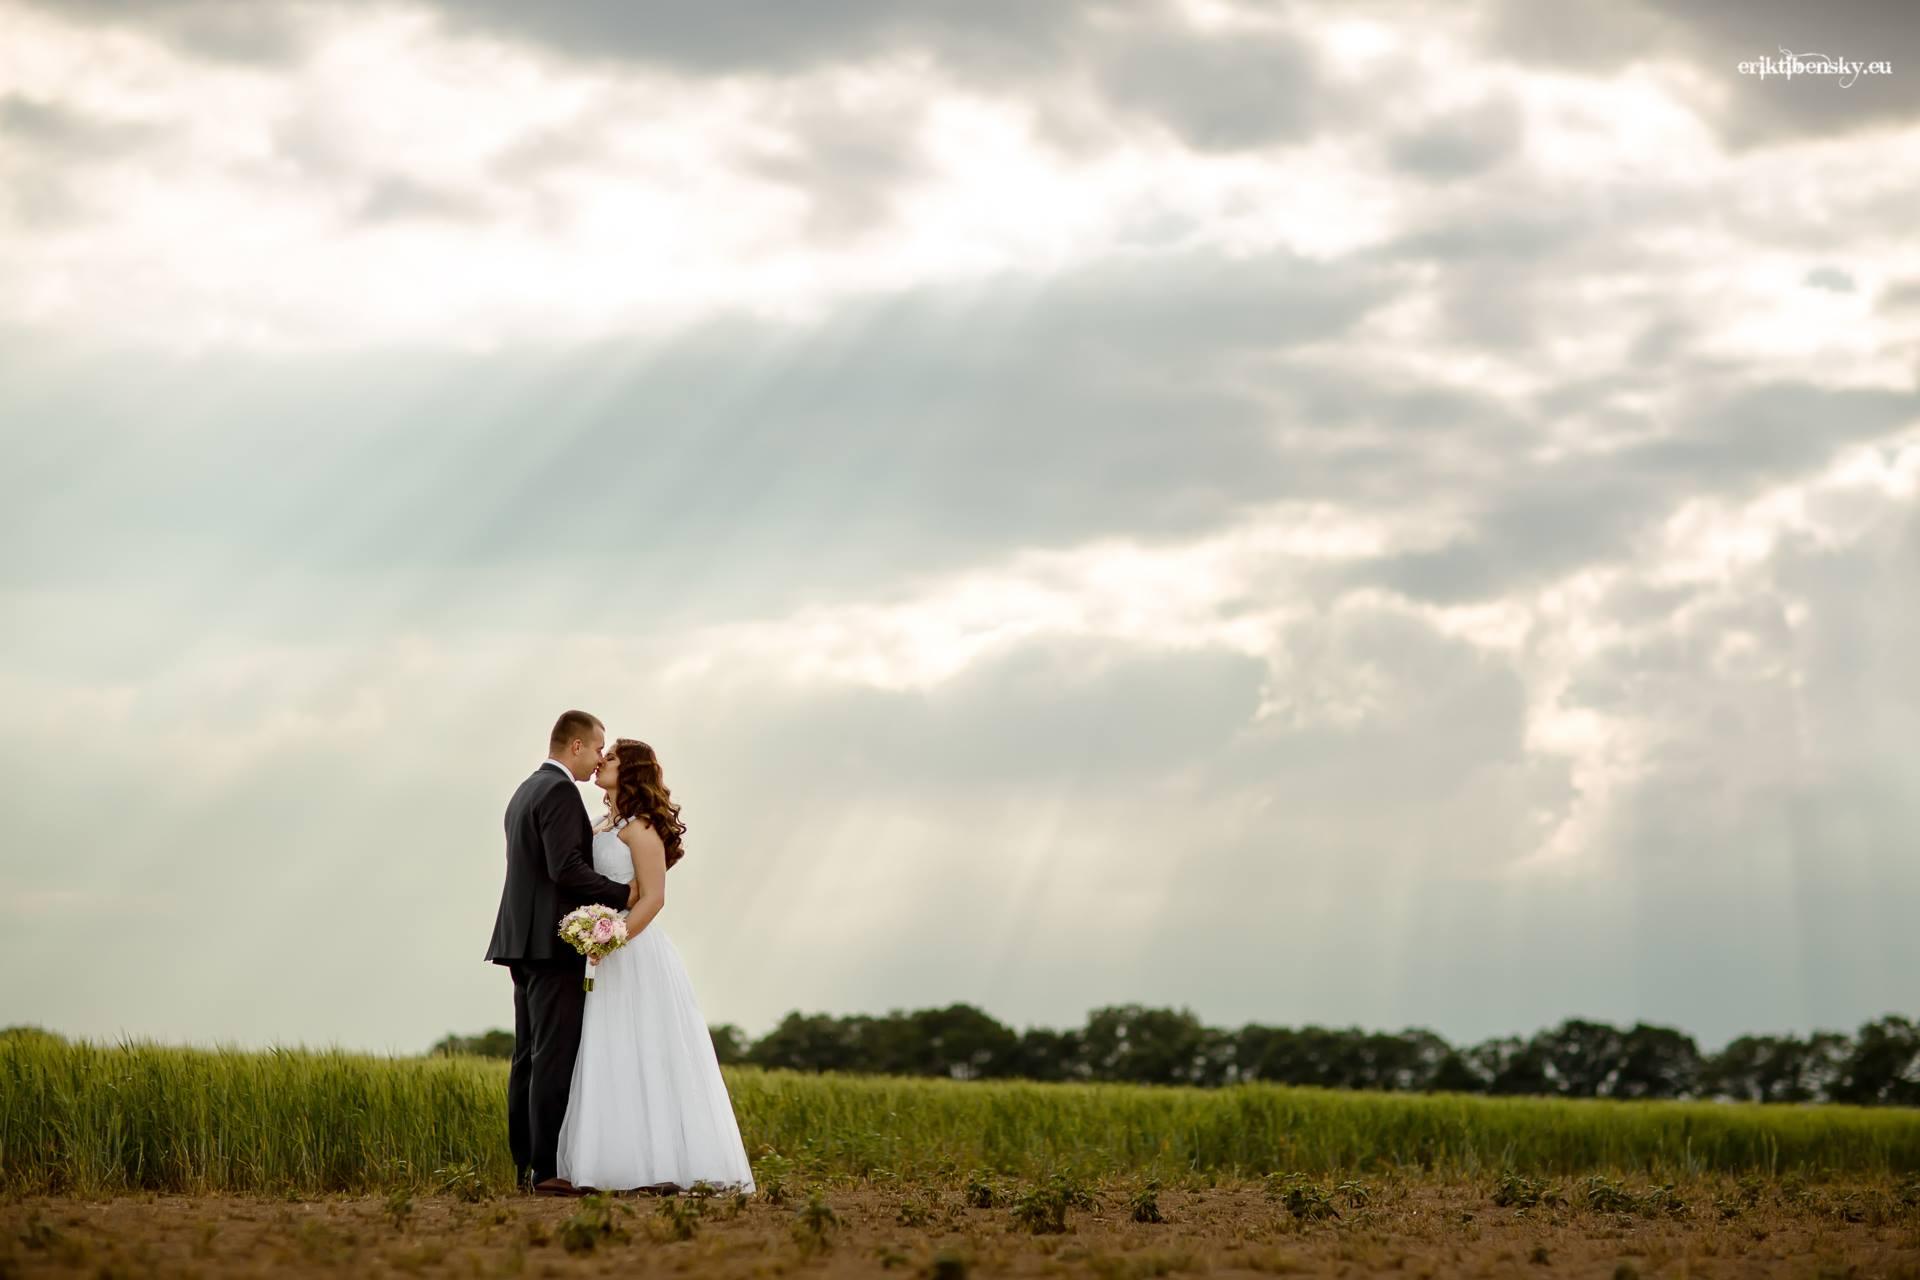 www.eriktibensky.eu-svadobny-fotograf-blatne-wedding-photography-1000